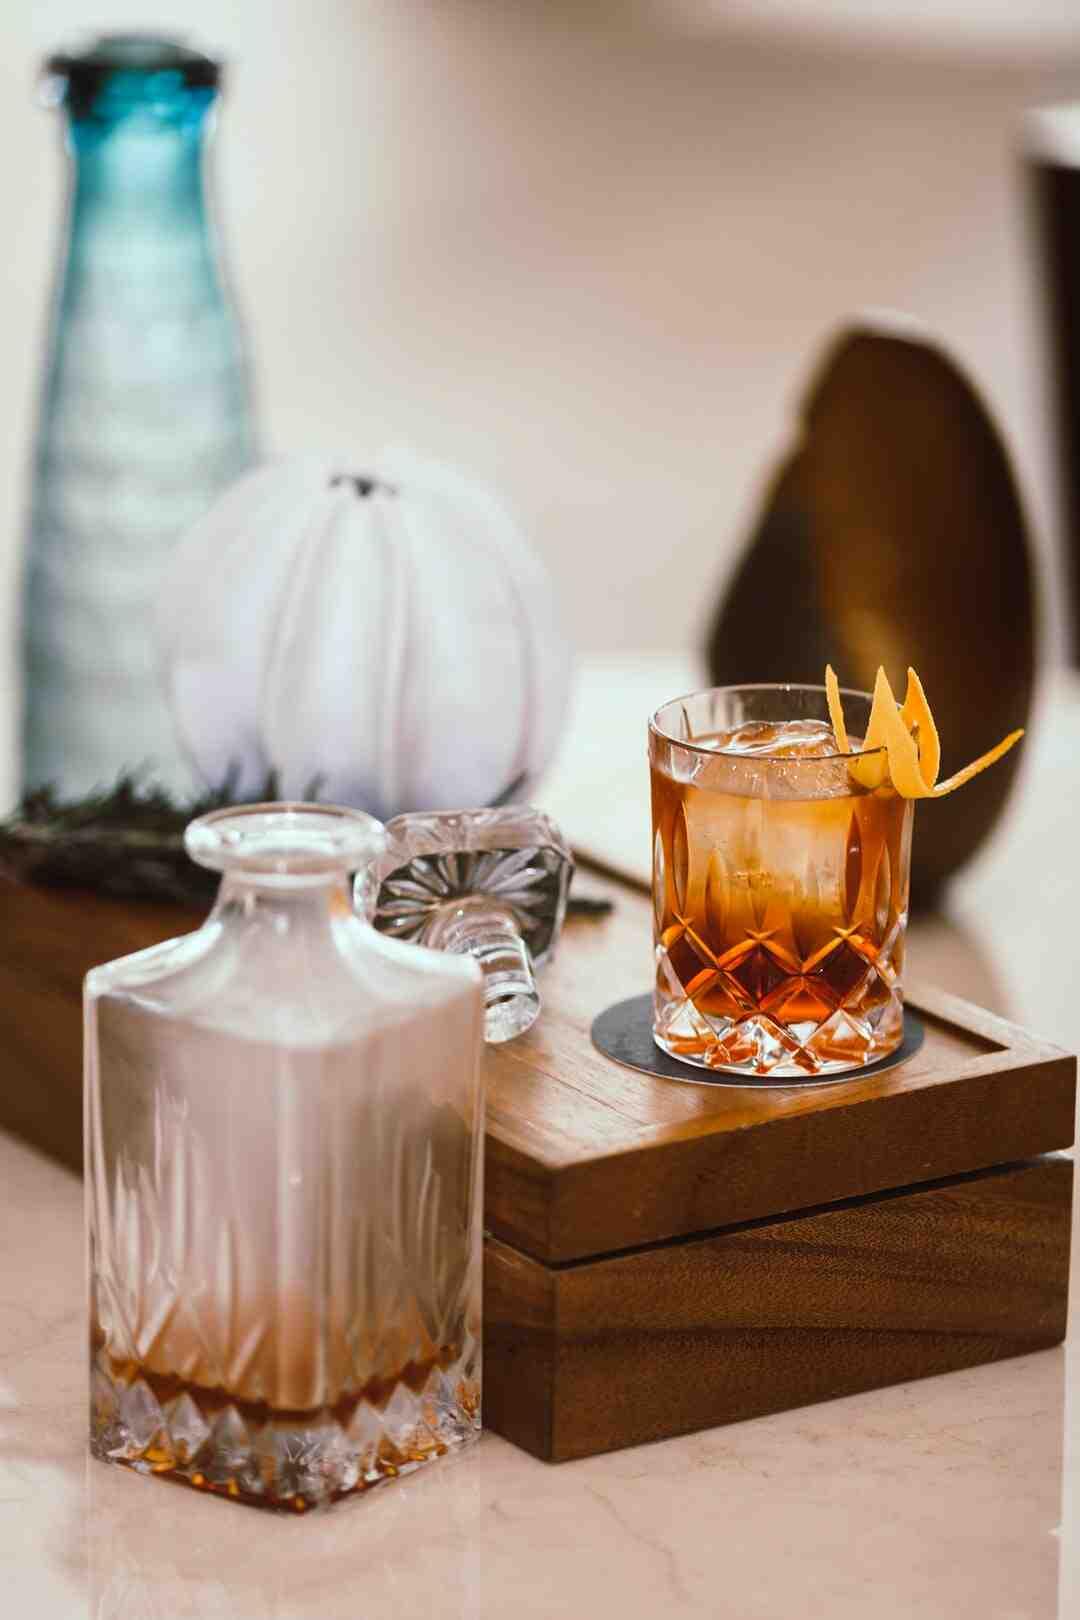 Comment boire du rhum ?